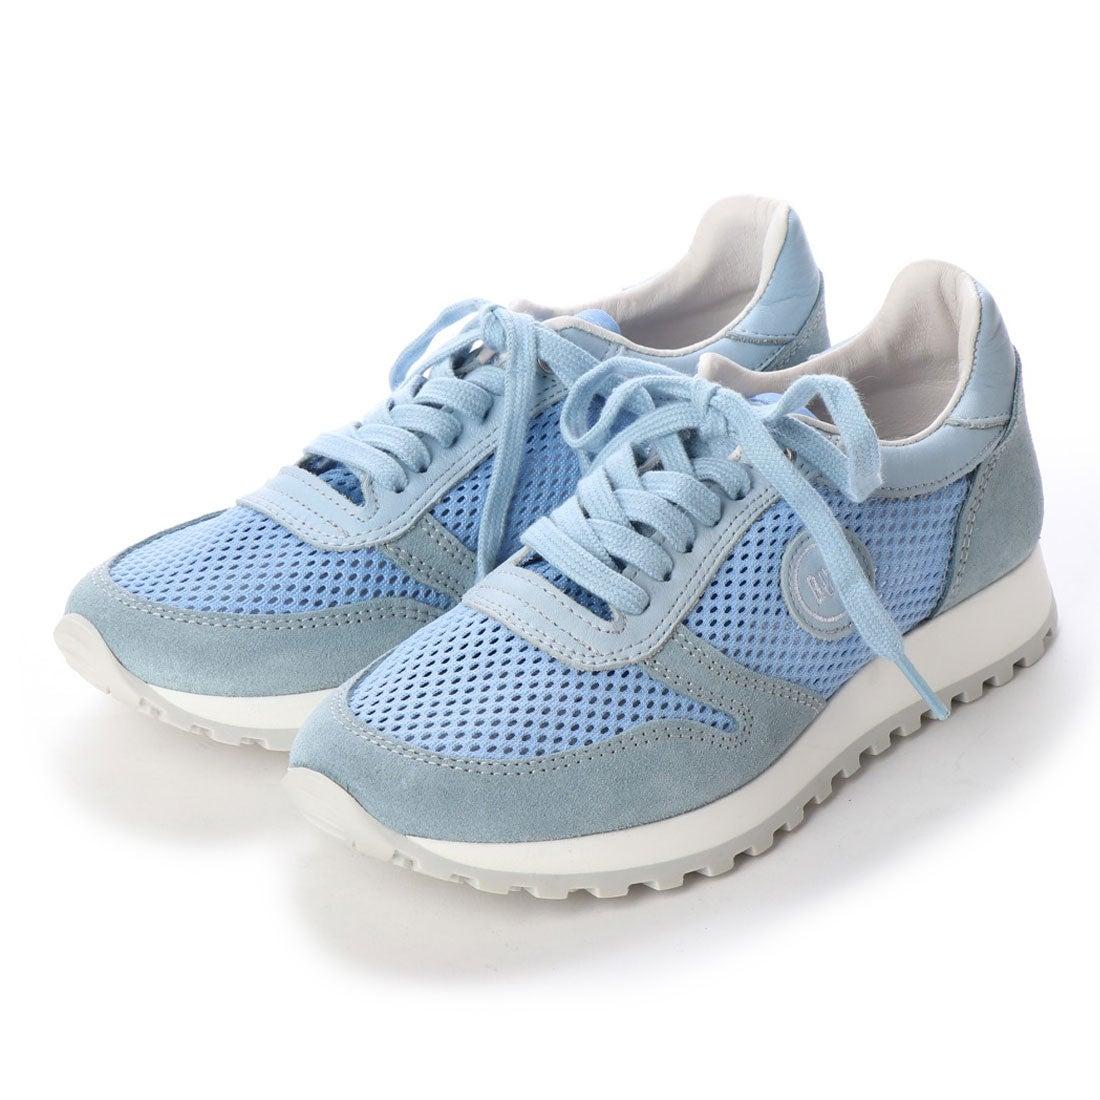 ヨーロッパコンフォートシューズ EU Comfort Shoes BCN スニーカー(B-1177) (スカイブルー)